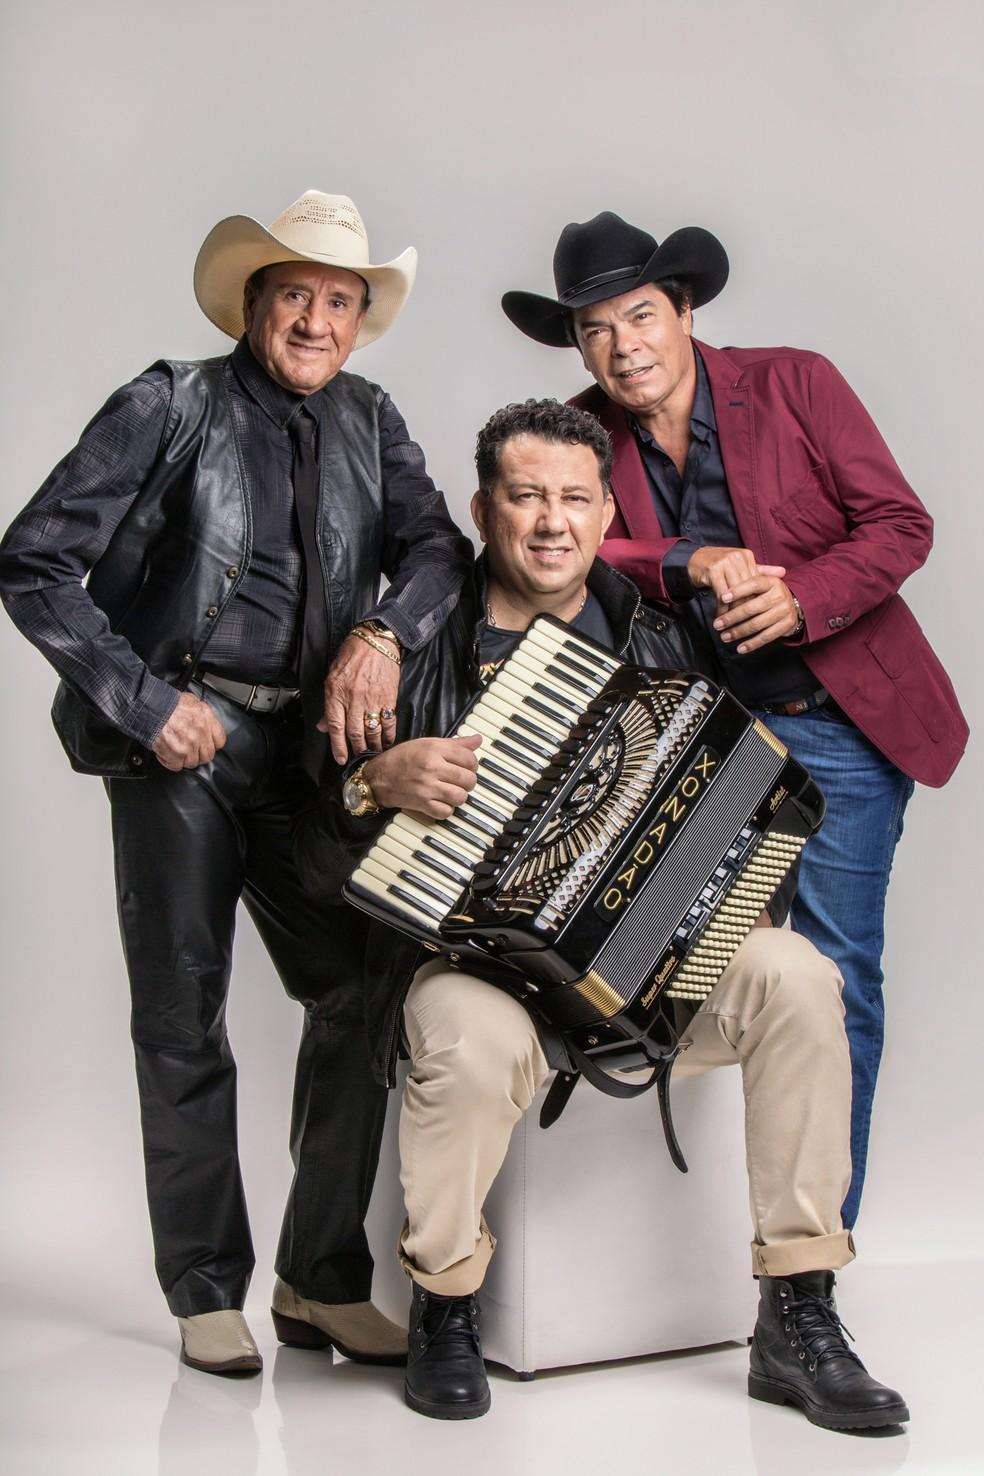 Trio Parada Dura posa com a última formação do grupo, composto por Creone (à esquerda), Parrerito e Xonadão (com a sanfona)  — Foto: Divulgação